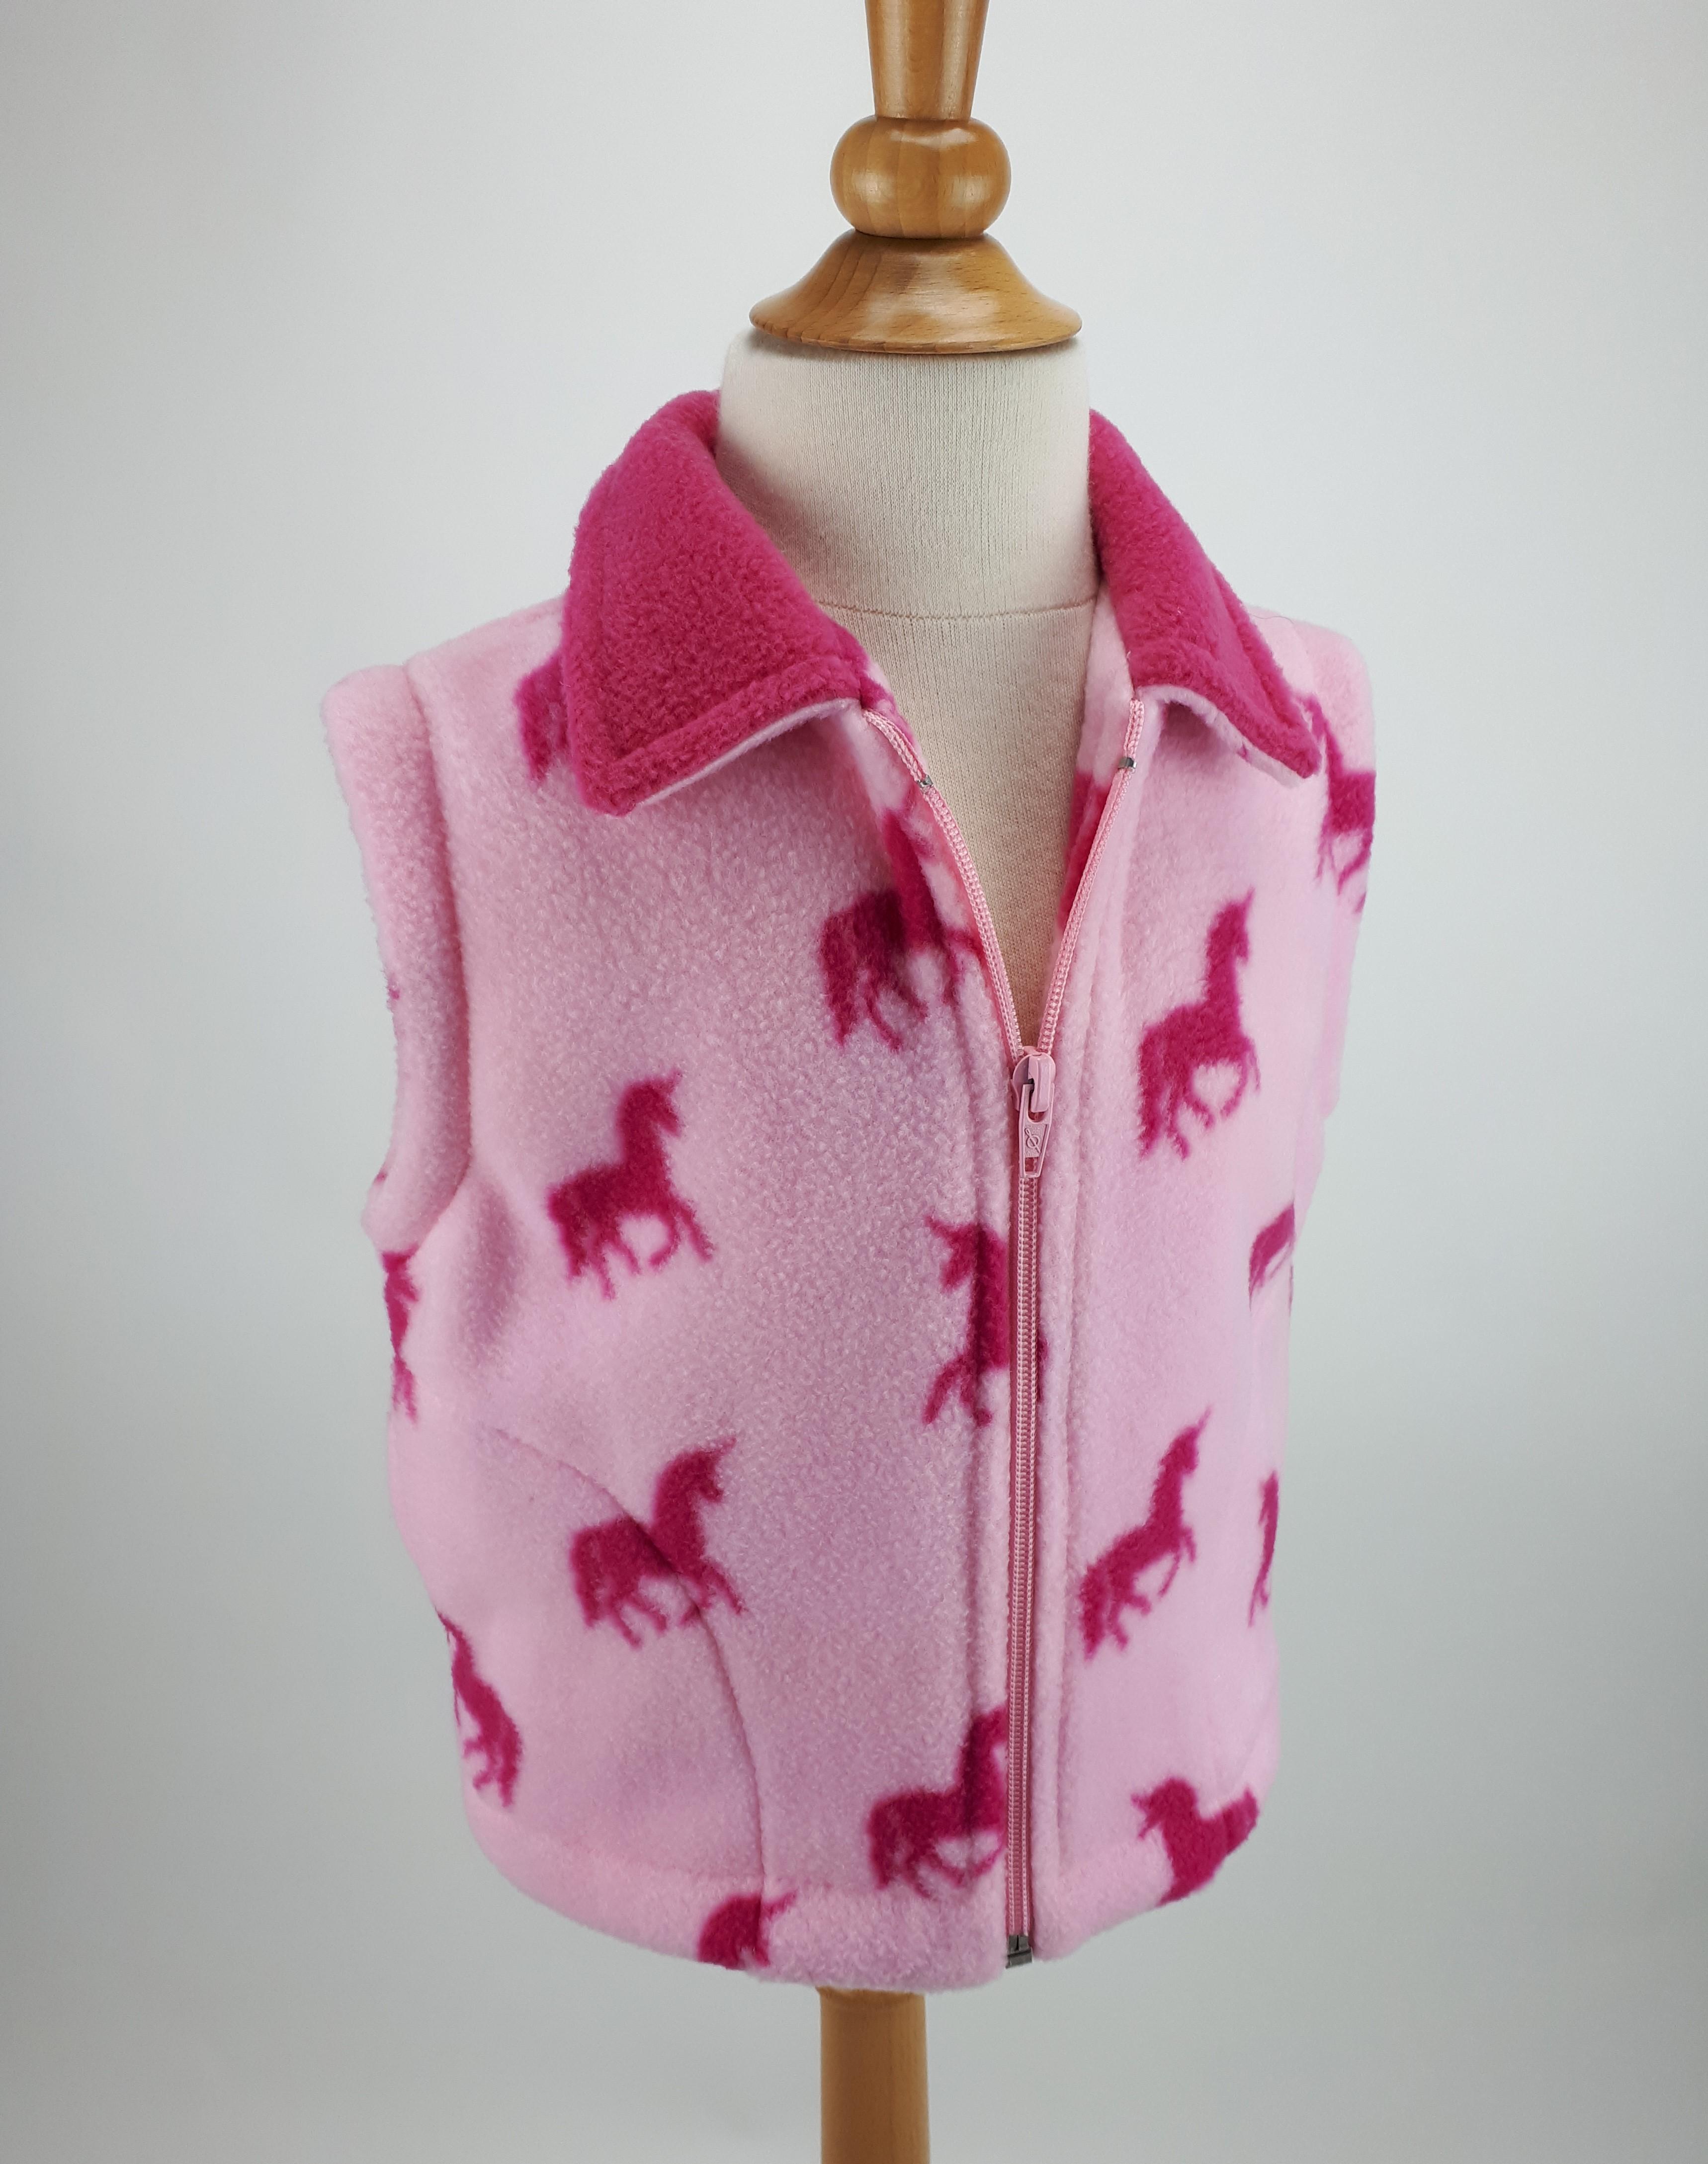 Pink Small Unicorn Gilet